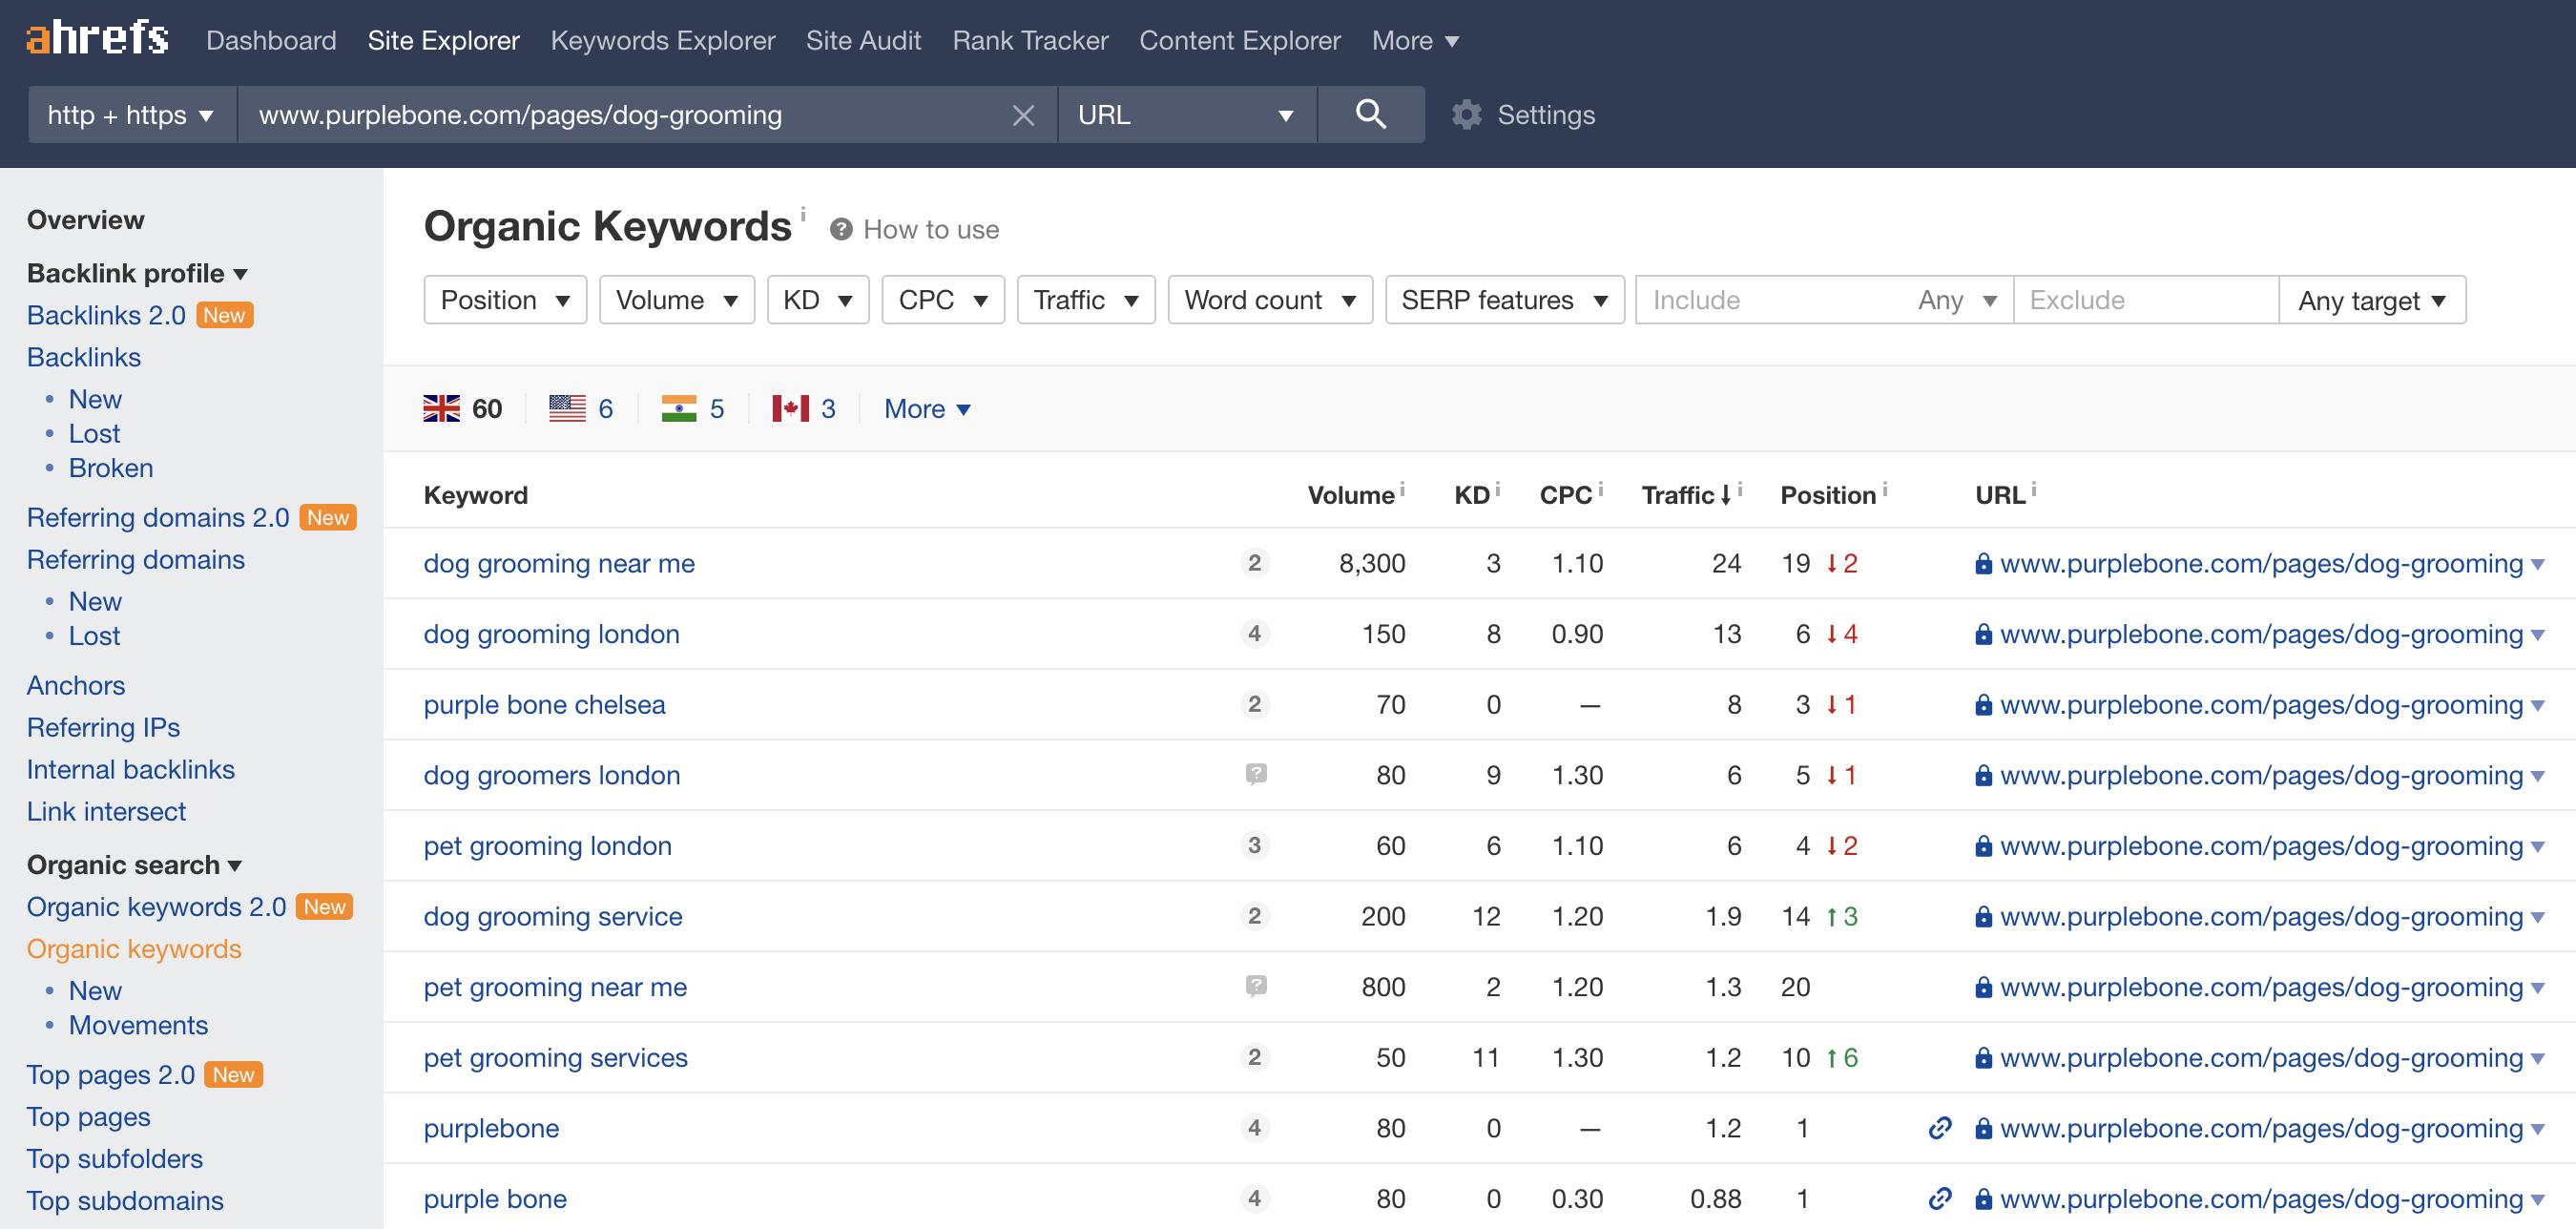 Local Search Organic Keywords